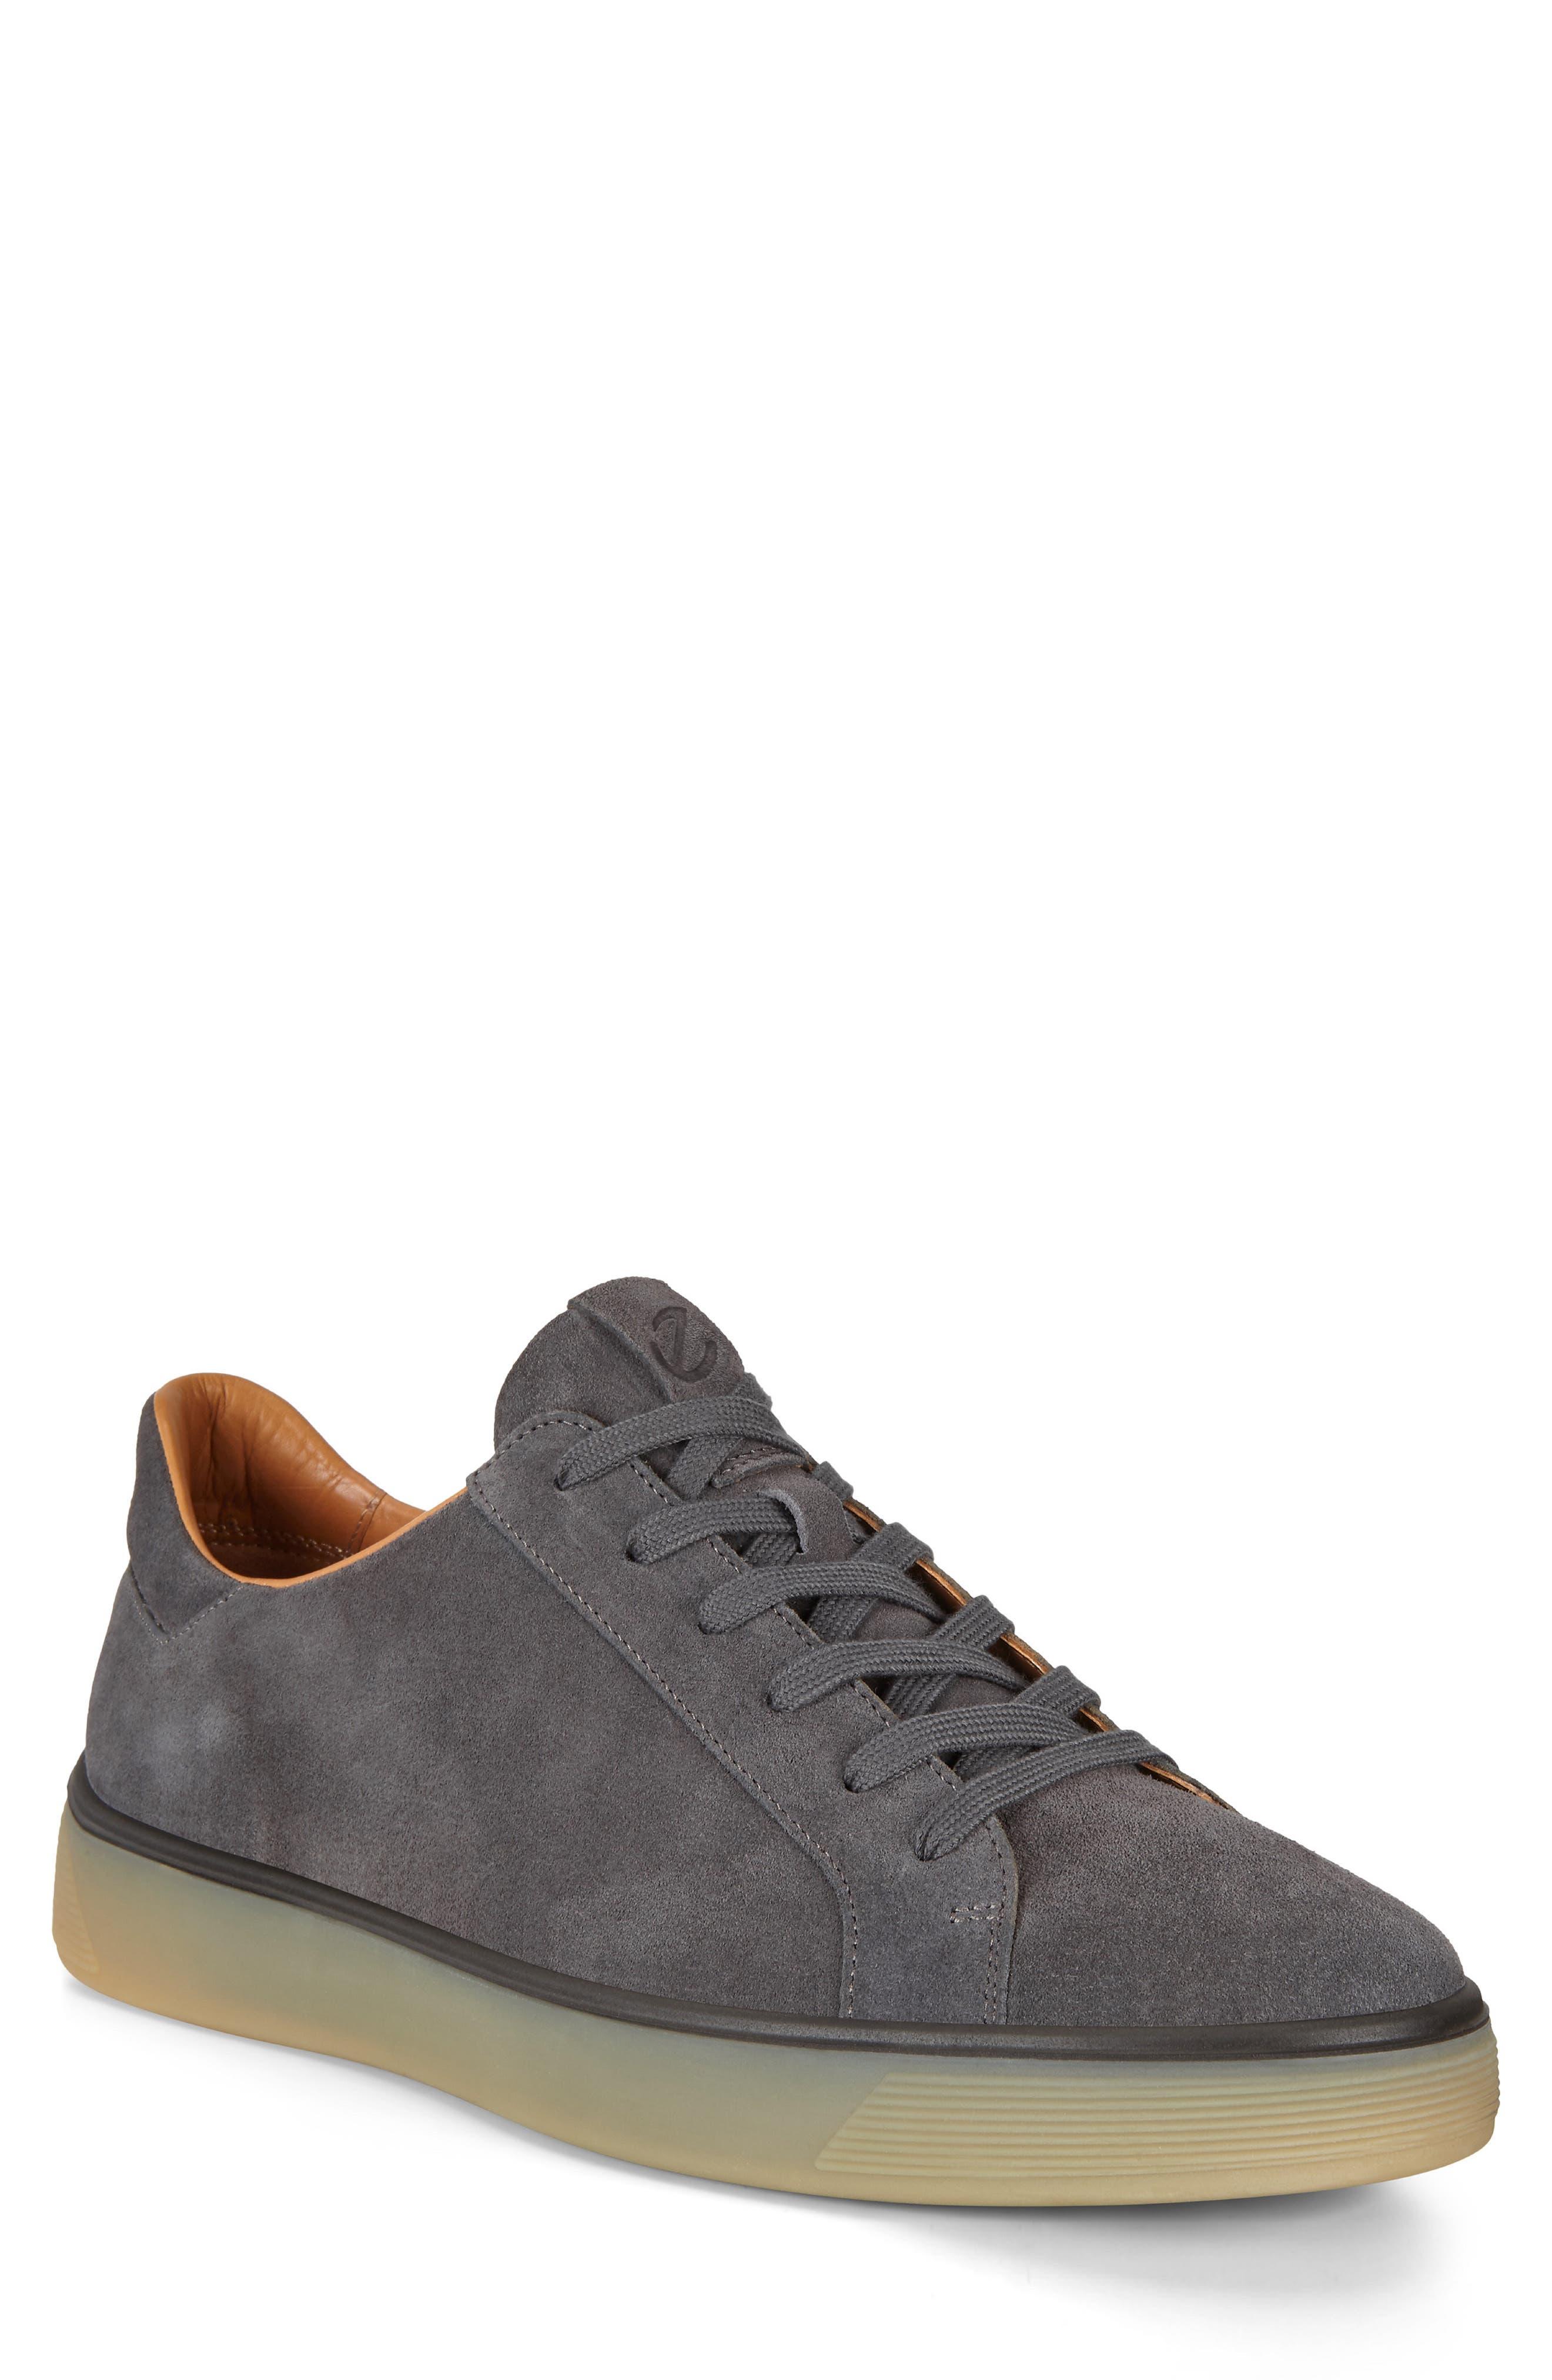 ECCO Men's Ecco Street Tray Suede Sneaker, Size 13-13.5US - Grey